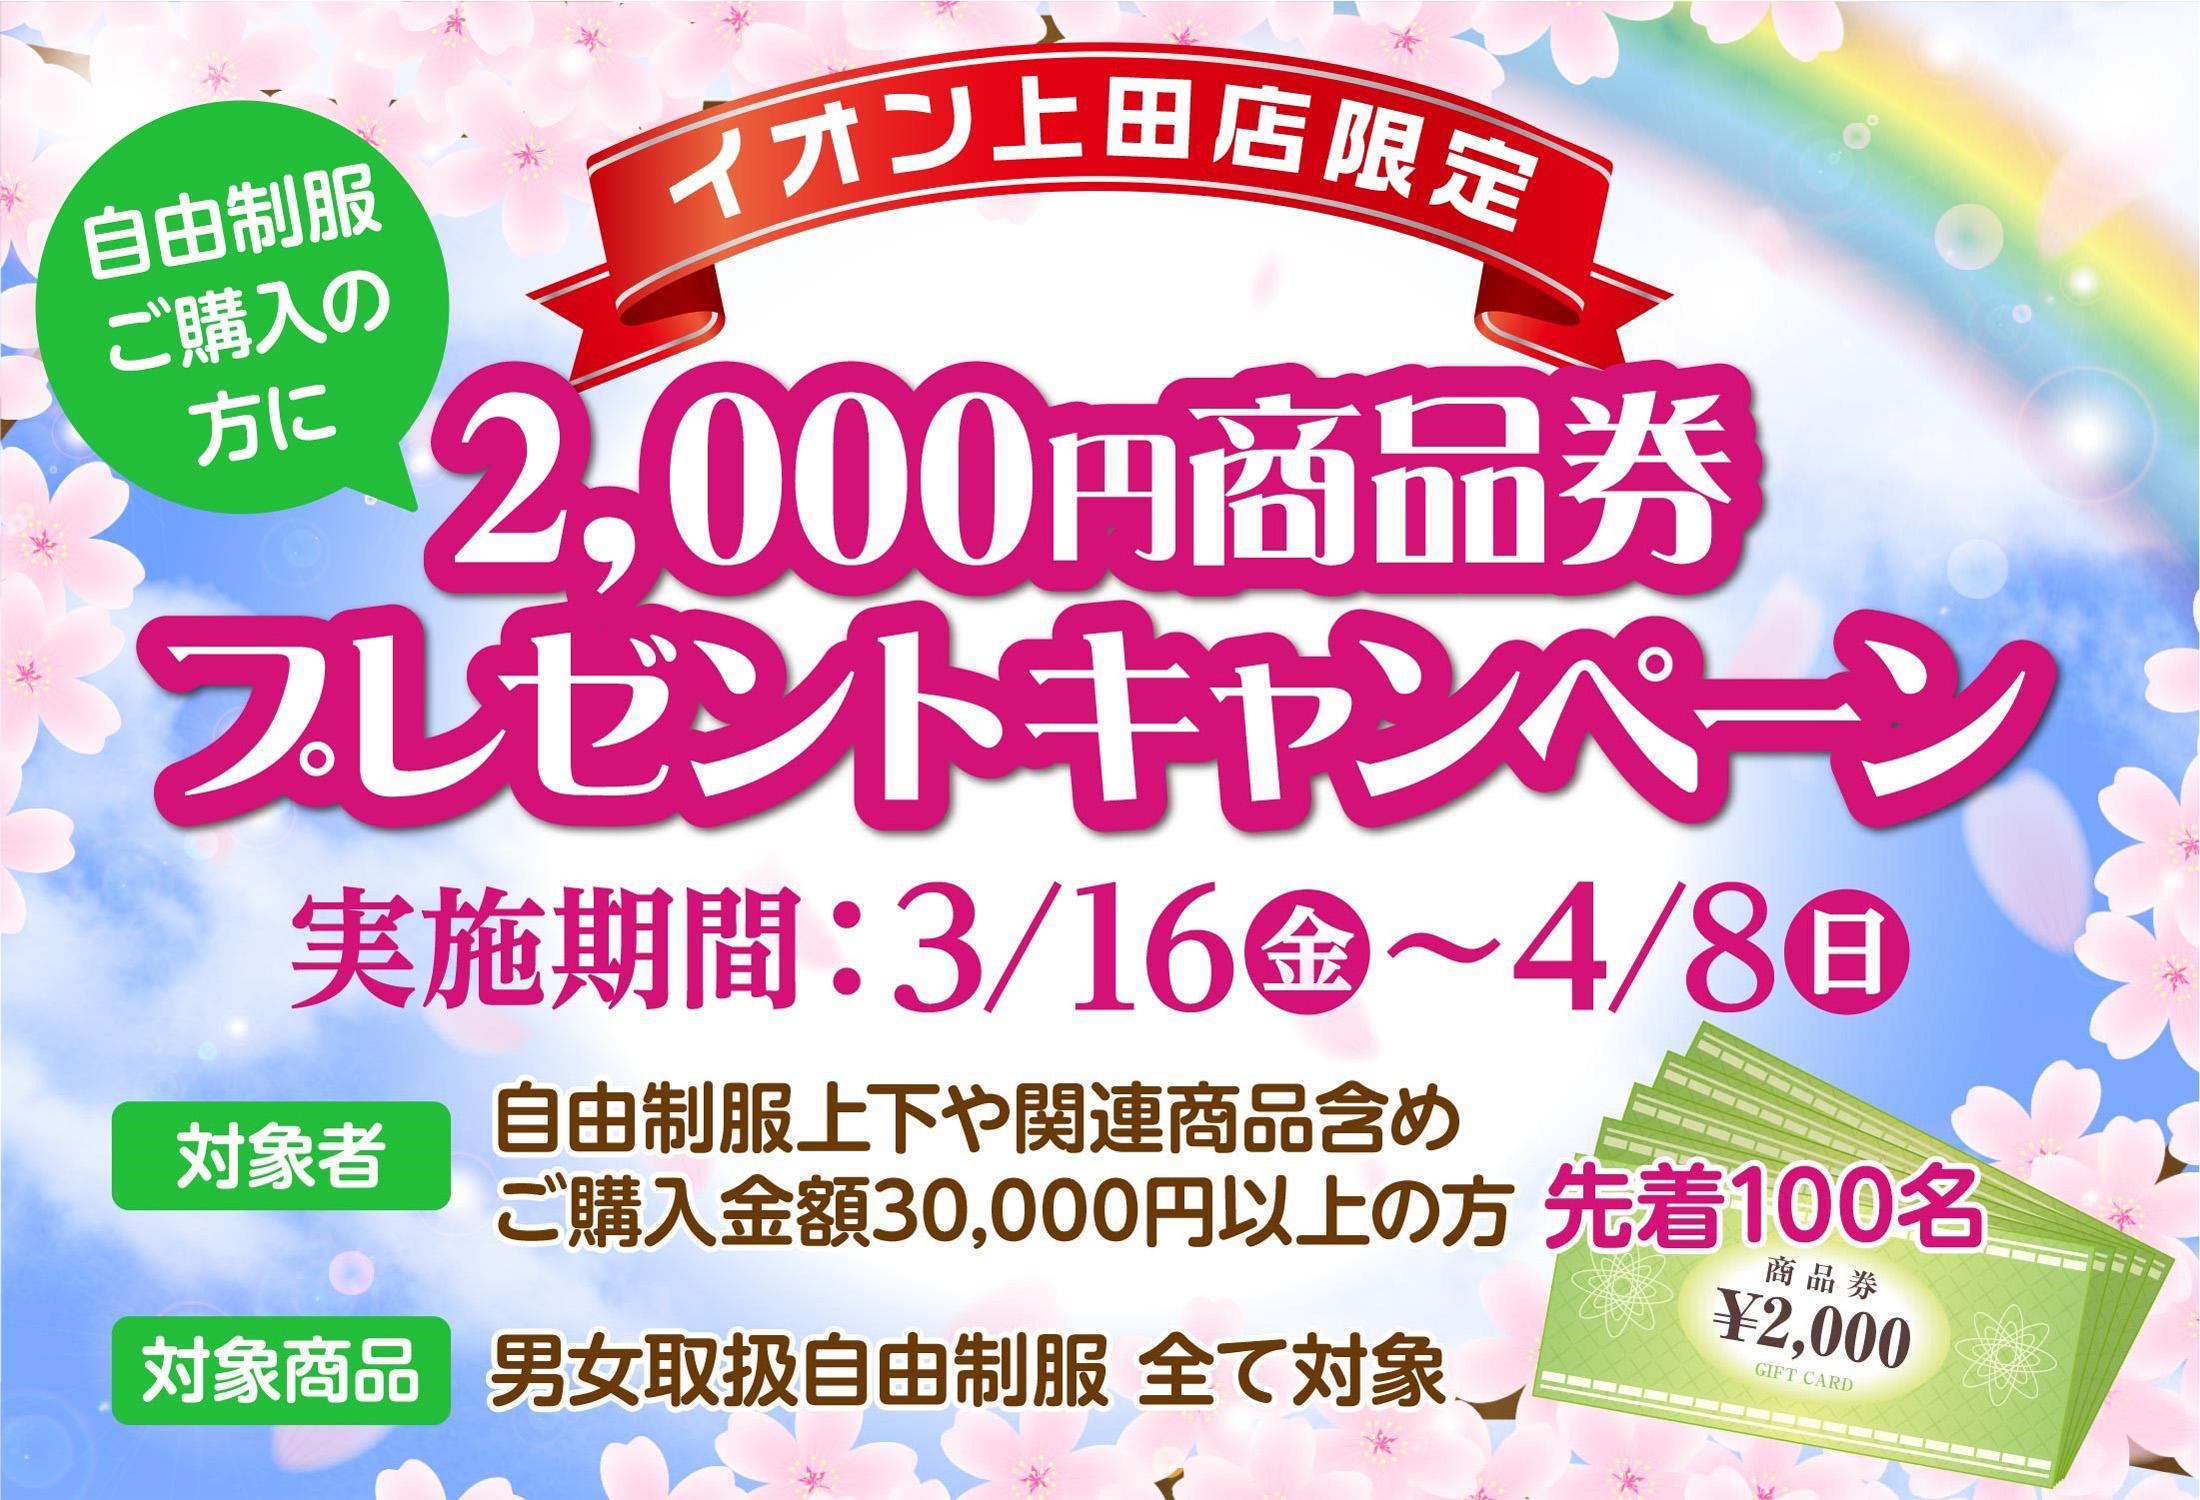 イオン上田店限定 2,000円商品券 プレゼントキャンペーン 3月16日~4月8日まで